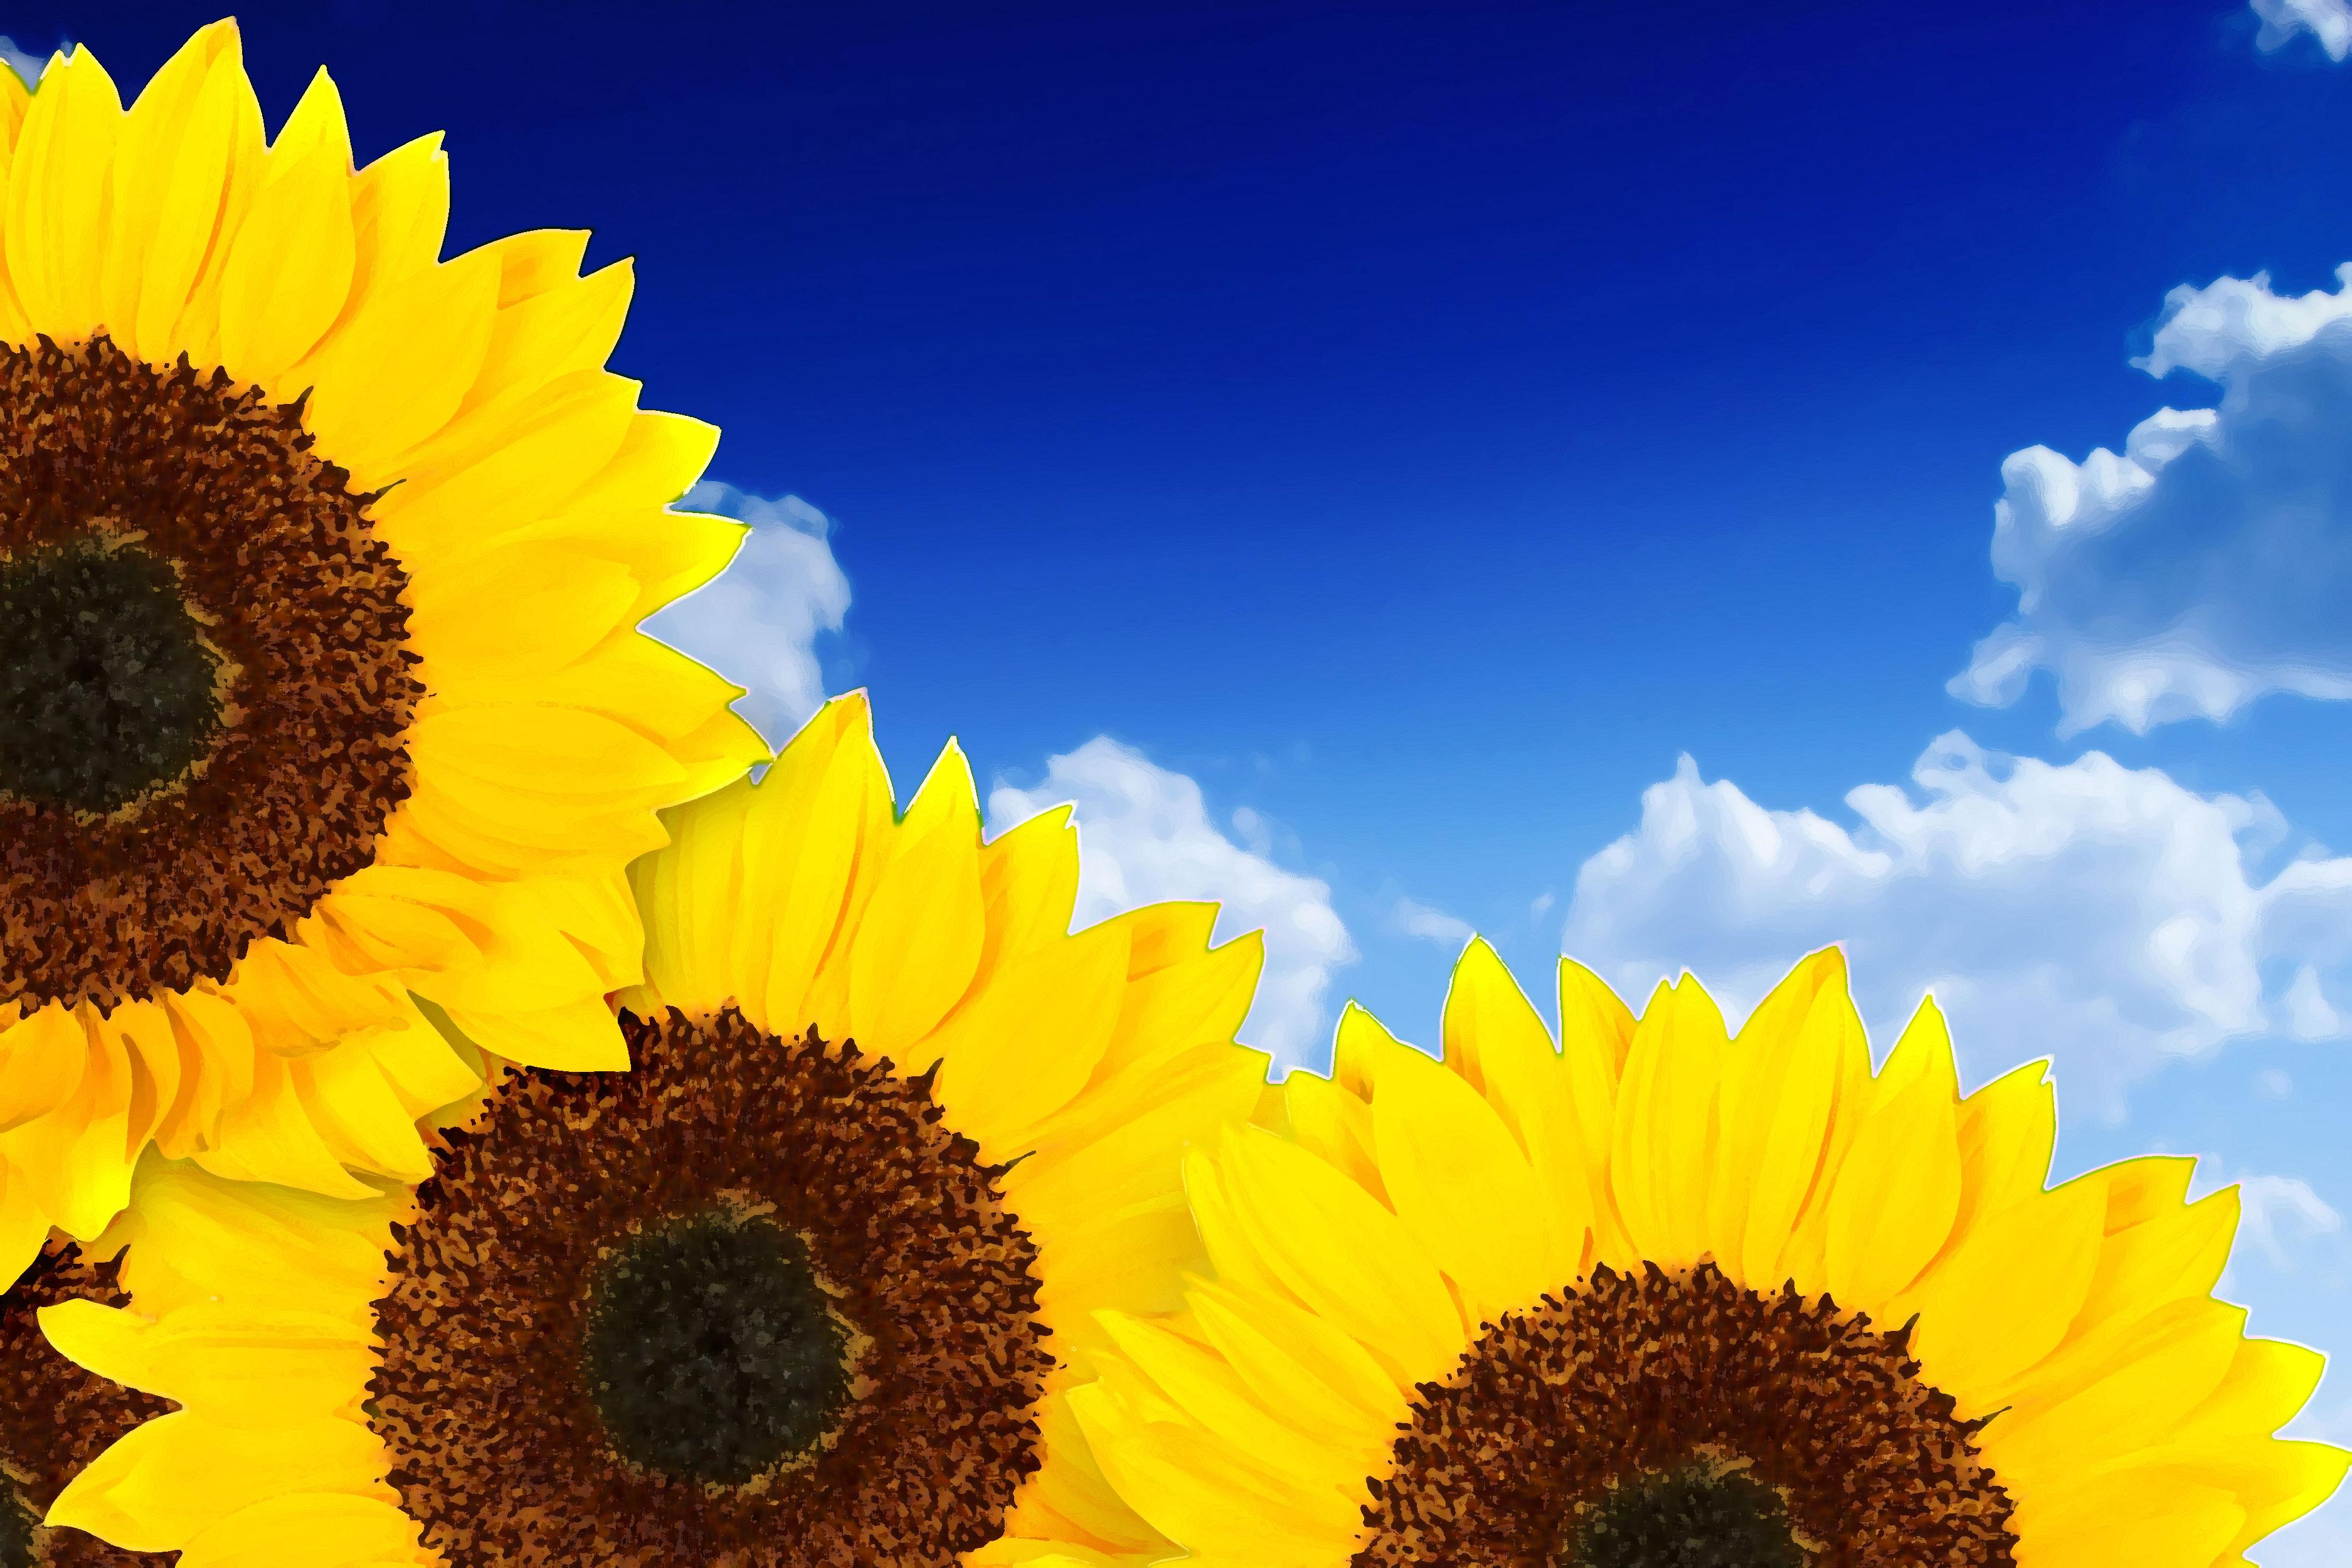 黄色の花のイラスト フリー素材 背景 壁紙no 319 ひまわり 青空 雲